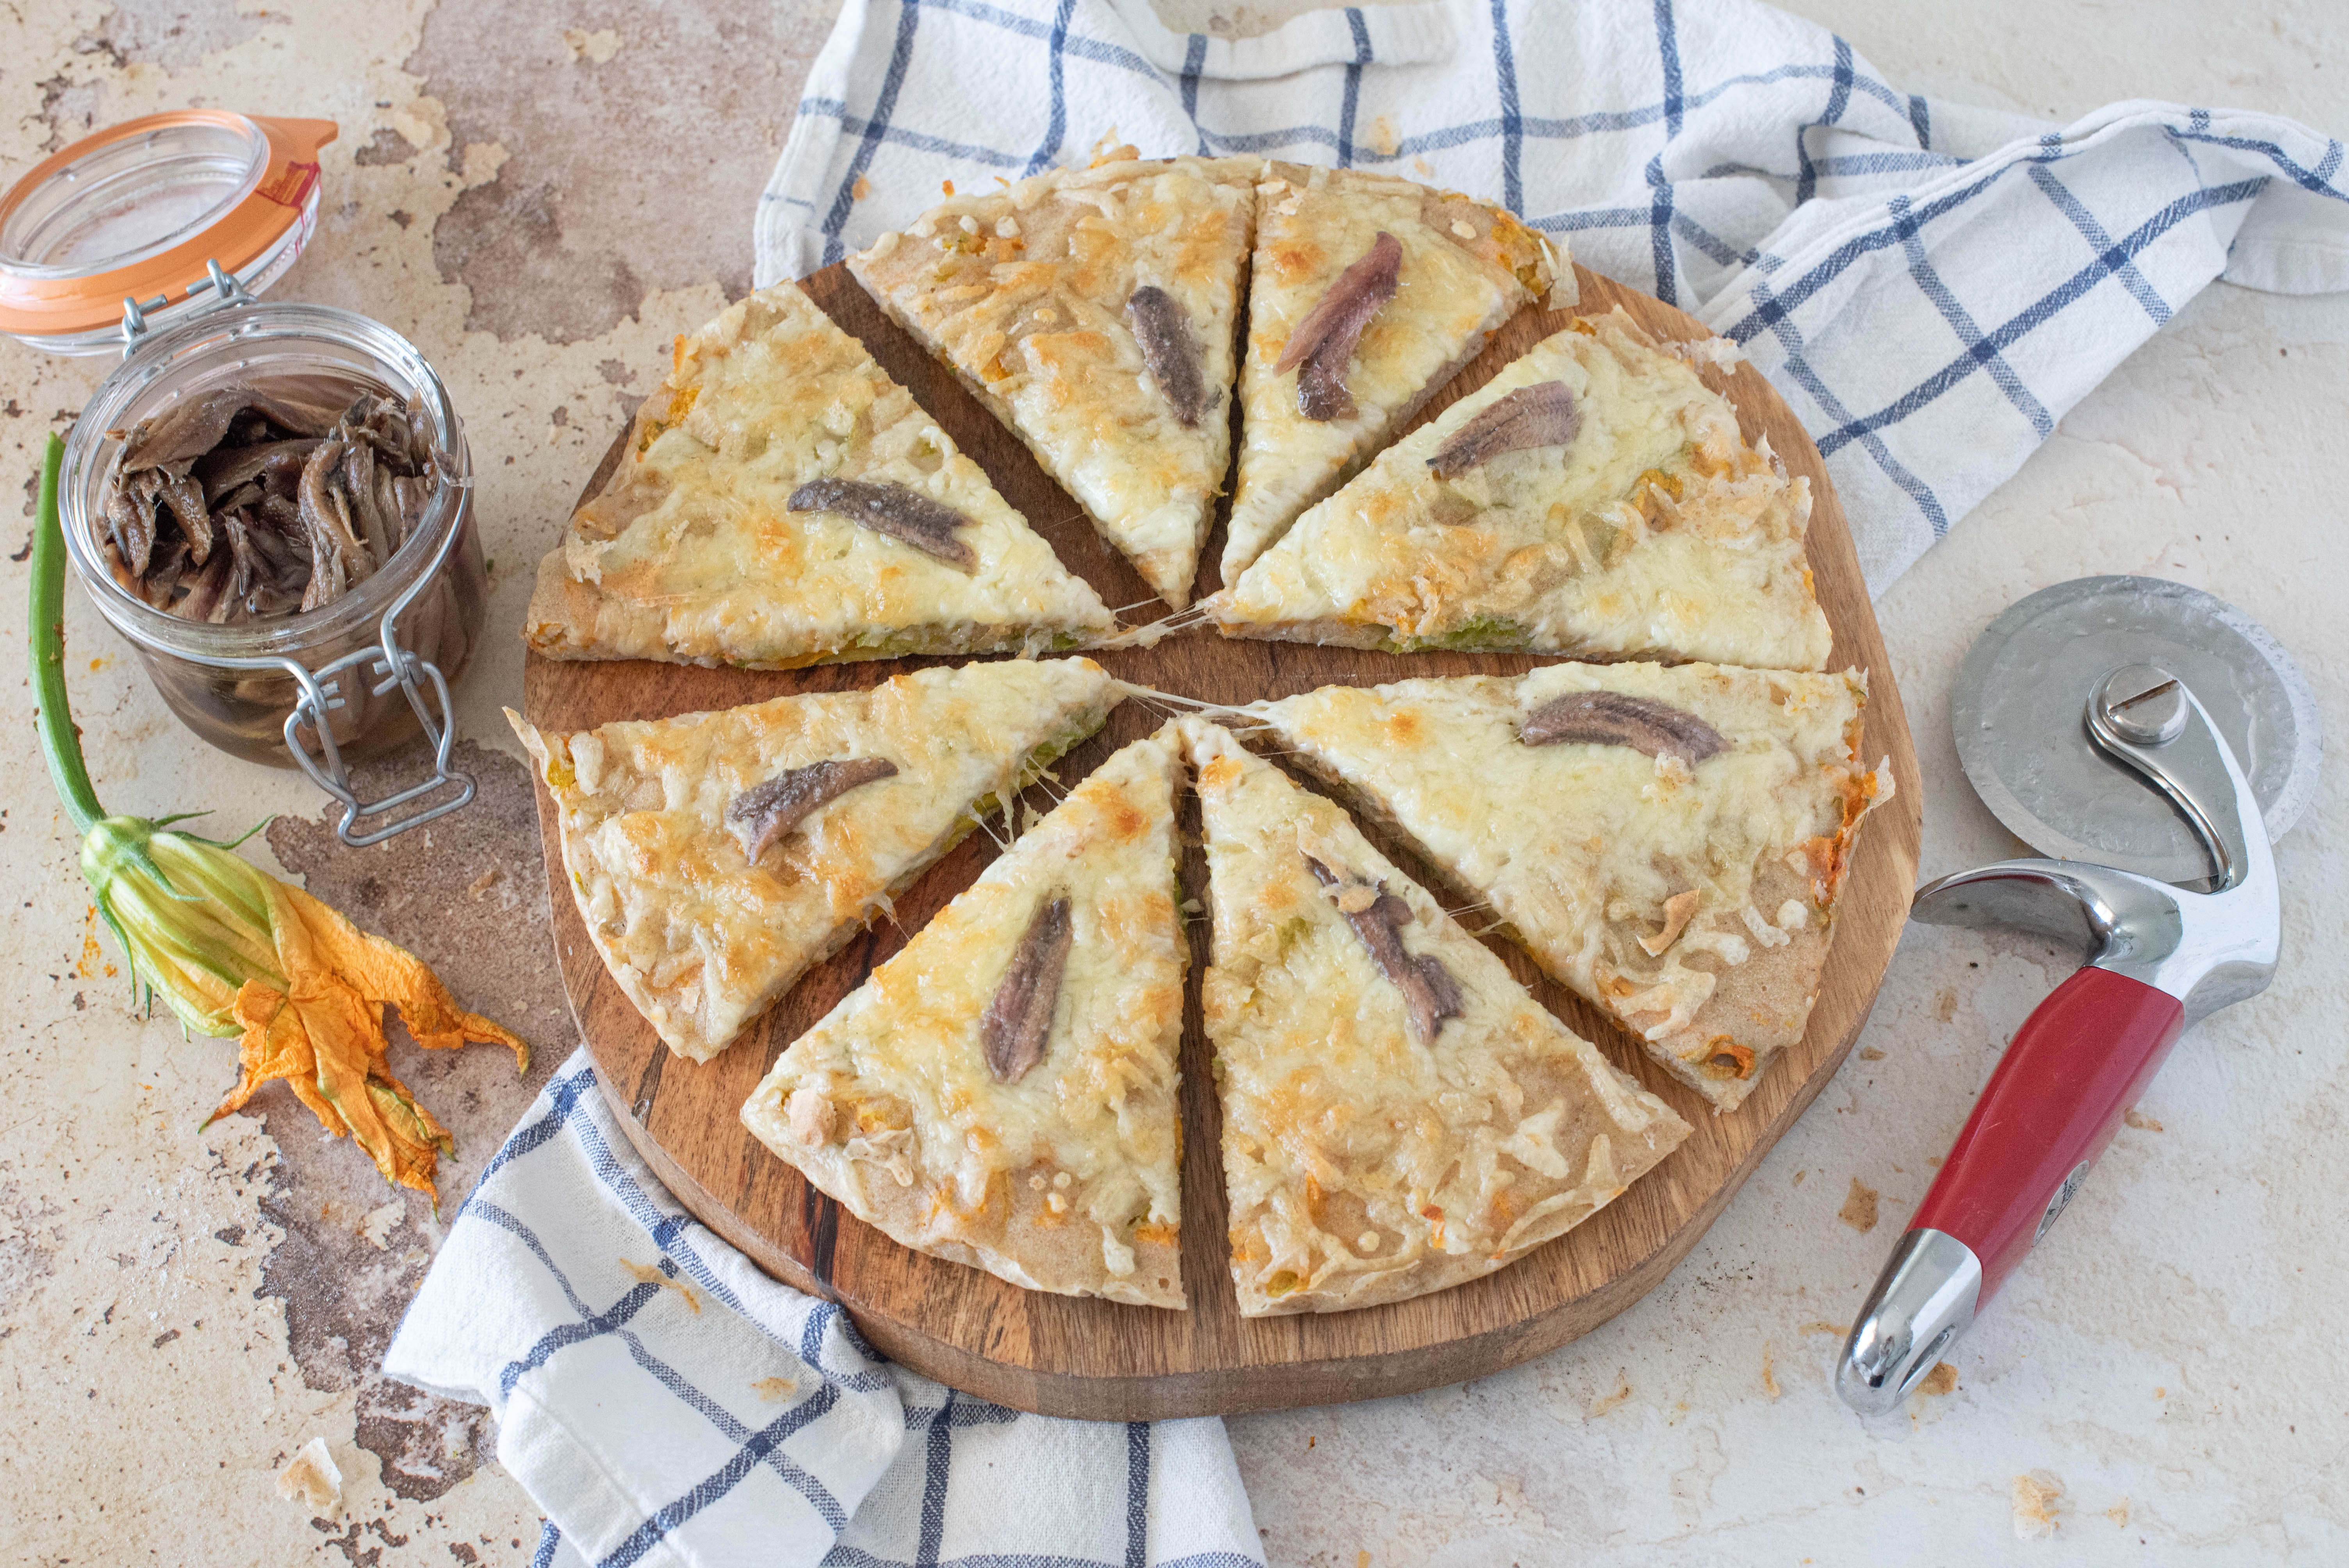 Pizza di fiori di zucca di mamma Graziella: la ricetta del piatto semplice e irresistibile